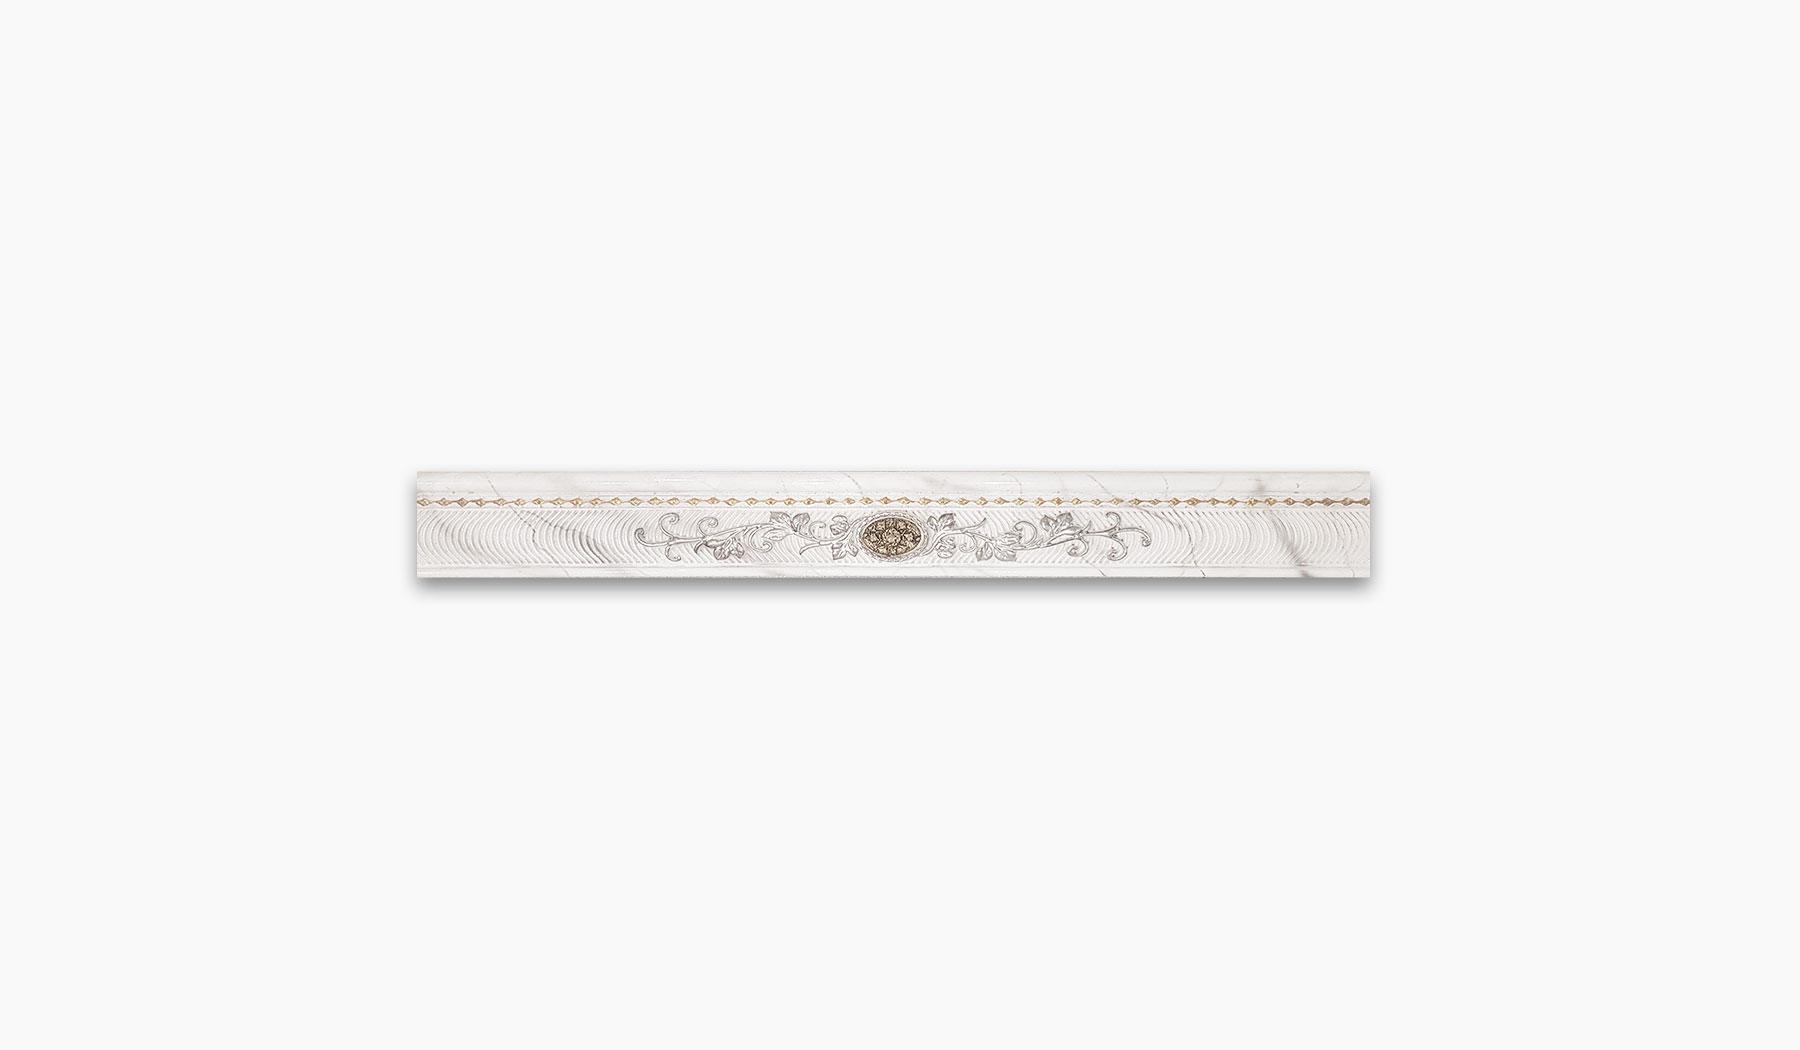 کاشی و سرامیک بوم سرامیک ، دکوراتیو نوار کالیما سفید سایز 10*90 لعاب براق پانچ با زمینه سنگ